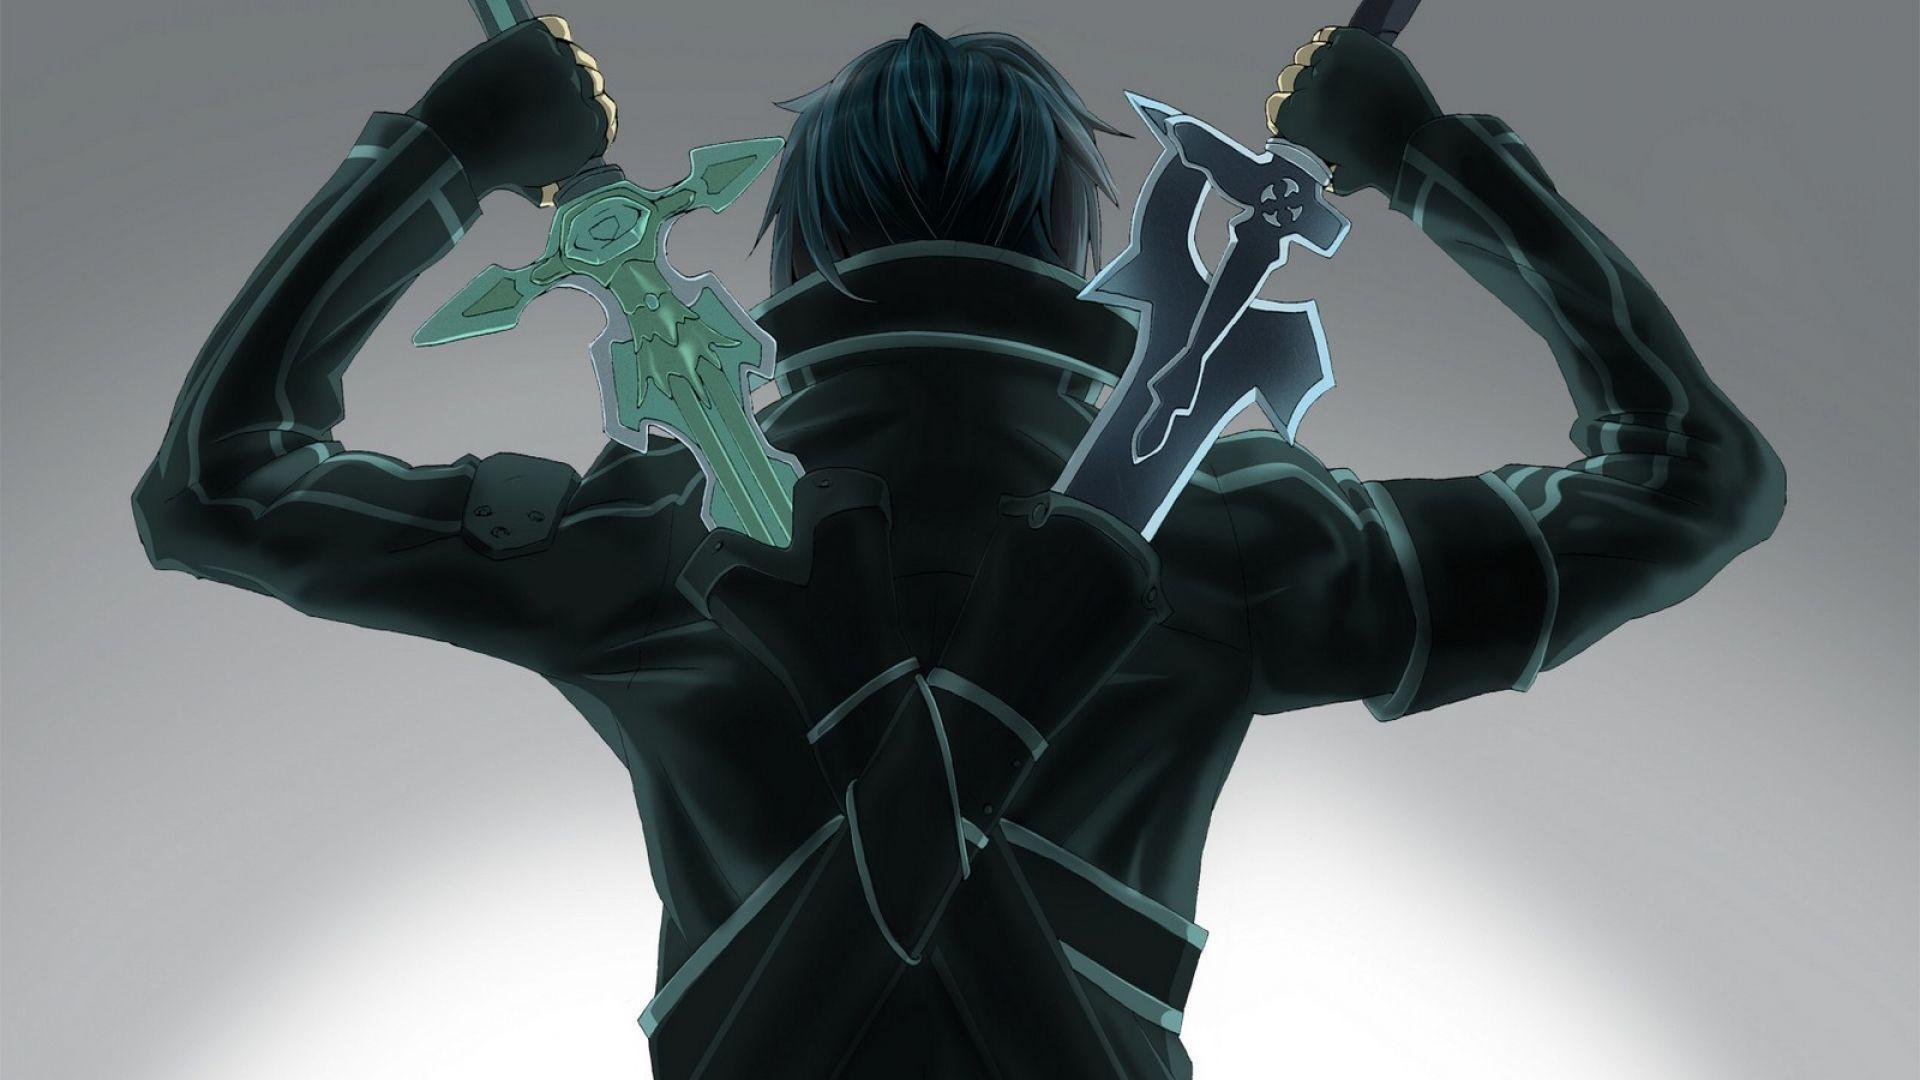 Res: 1920x1080,  Anime Ninja Wallpaper 23841